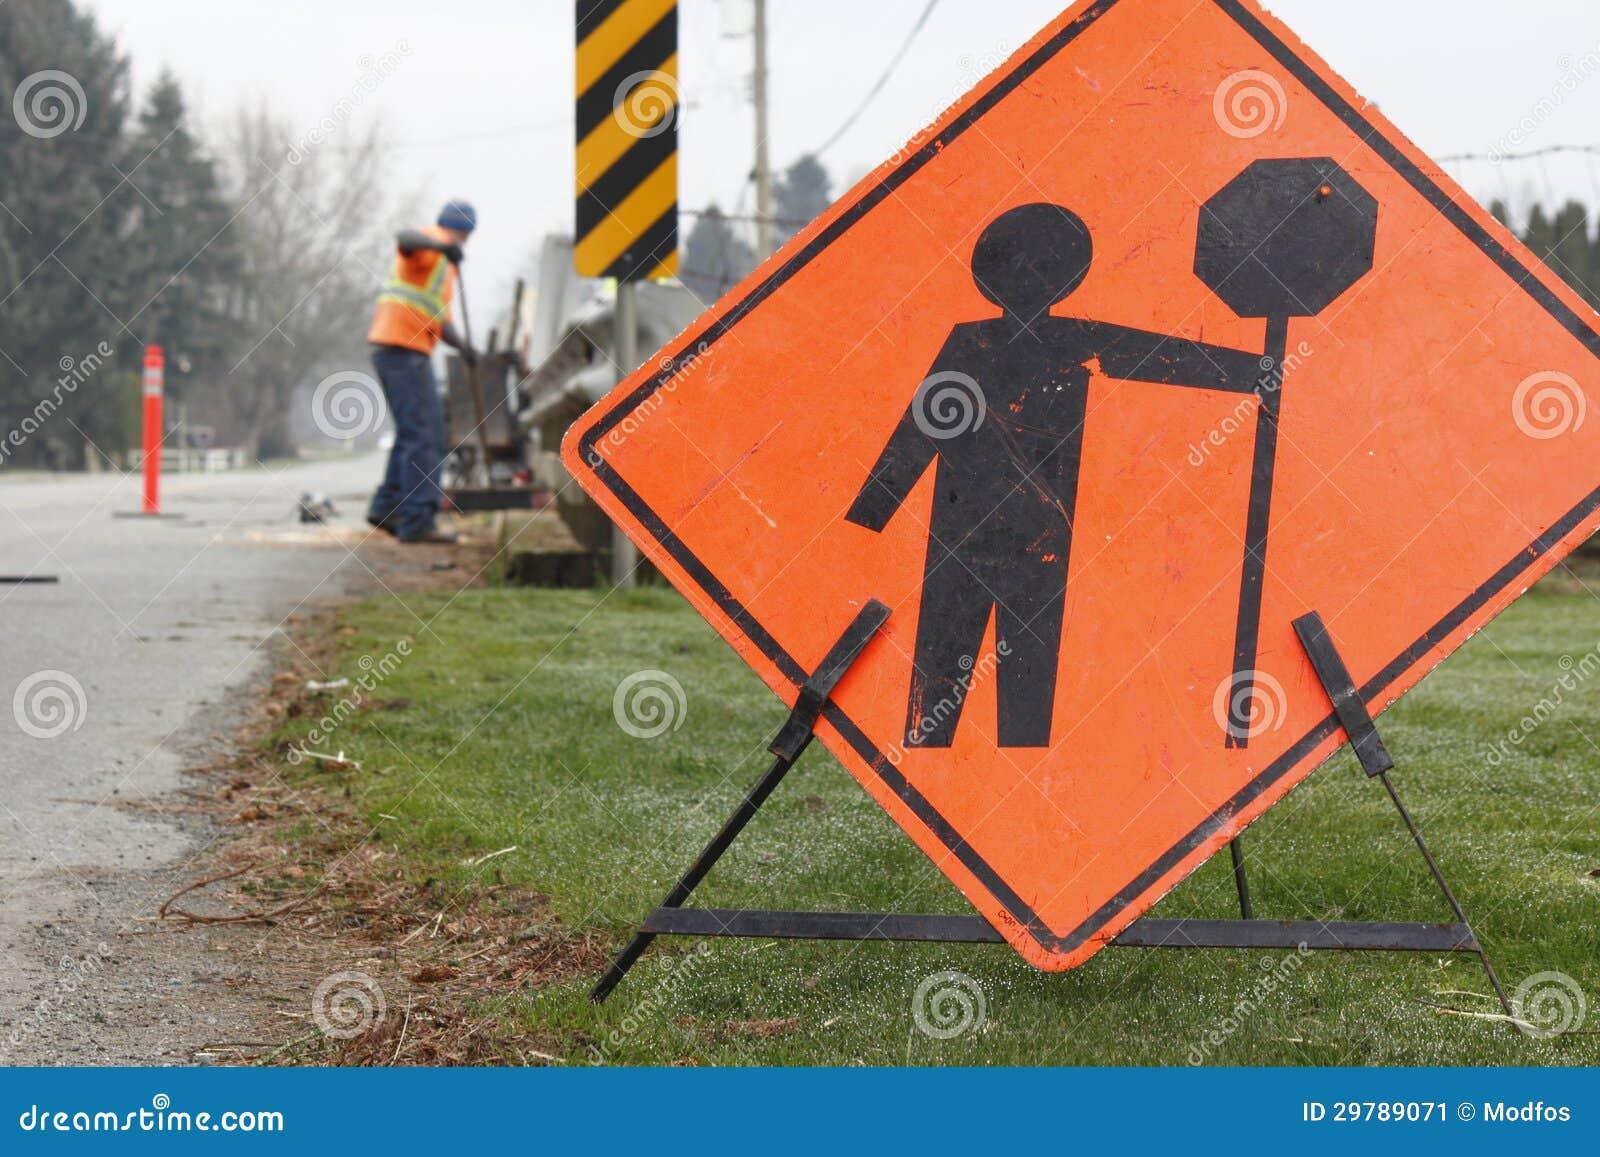 Road Repair Sign and Crew